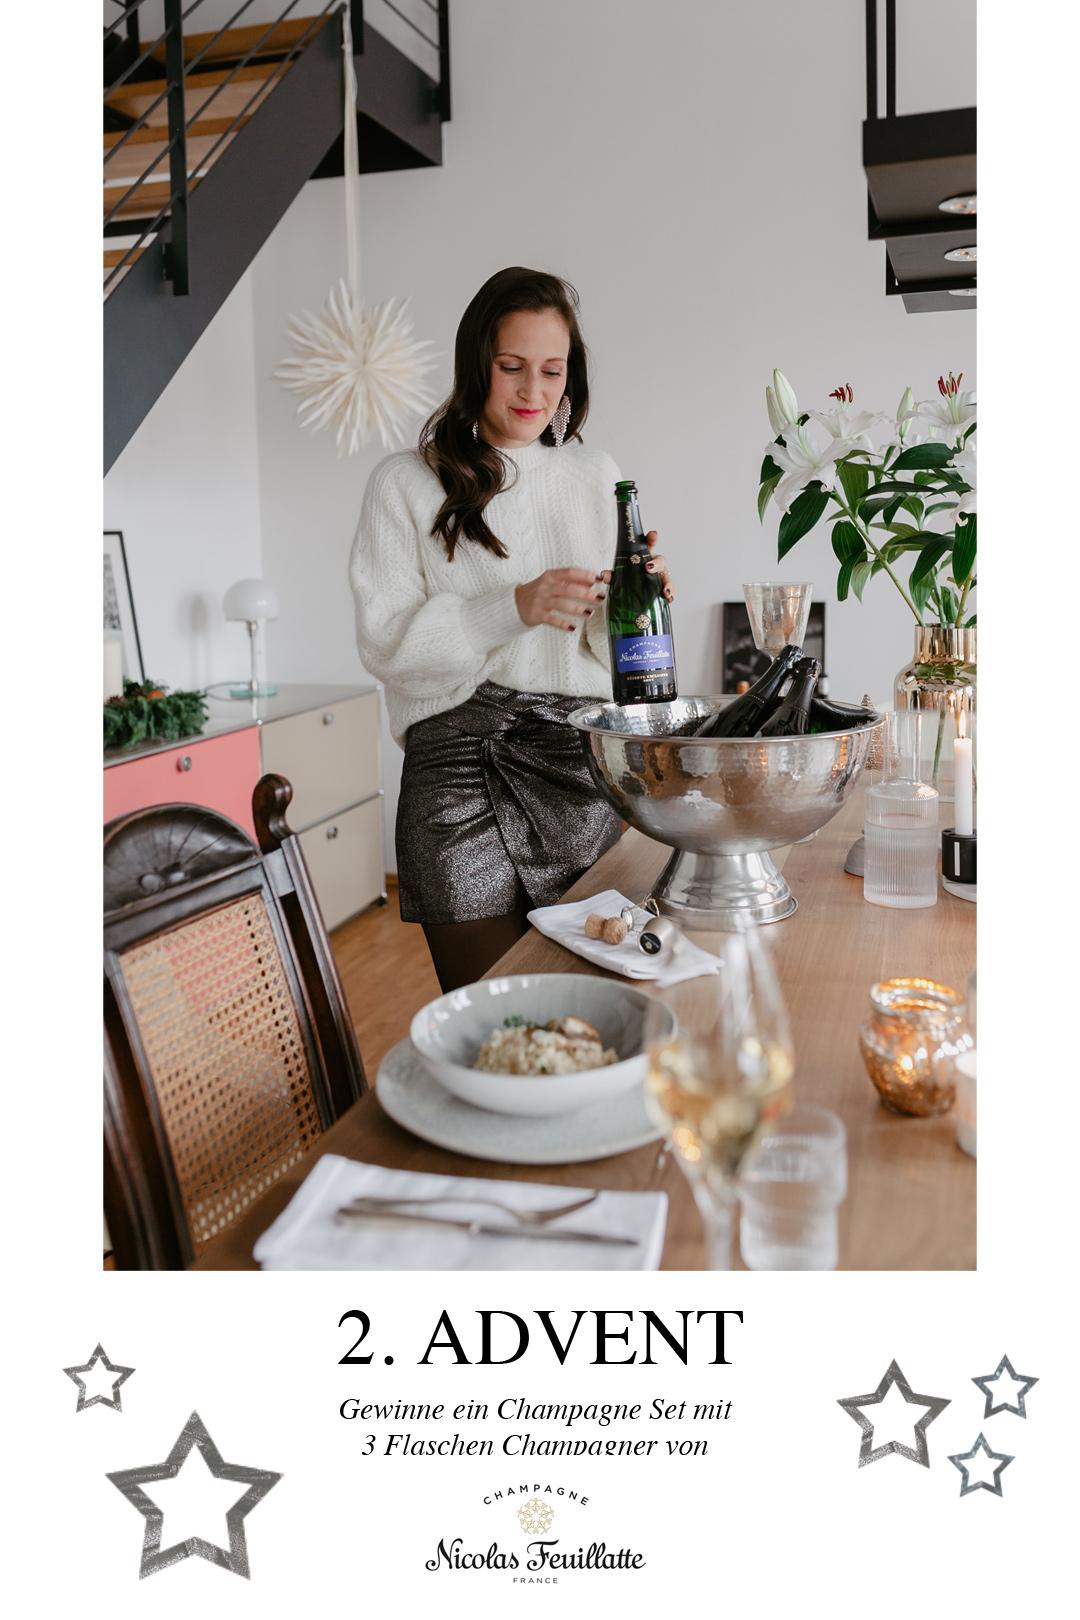 Seid ihr noch auf der Suche nach einer Essensidee für Weihnachten? Wir wäre es z.B. mit einem Thymian Risotto mit gebratener Forelle? Begleitet wird das Menü von einem Champagner, denn die Franzosen machen es uns vor & trinken den Schaumwein nicht nur als Aperitiv, sondern als prickelnde Essensbegleitung. Das Rezept findet ihr auf www.piecesofmariposa.com.